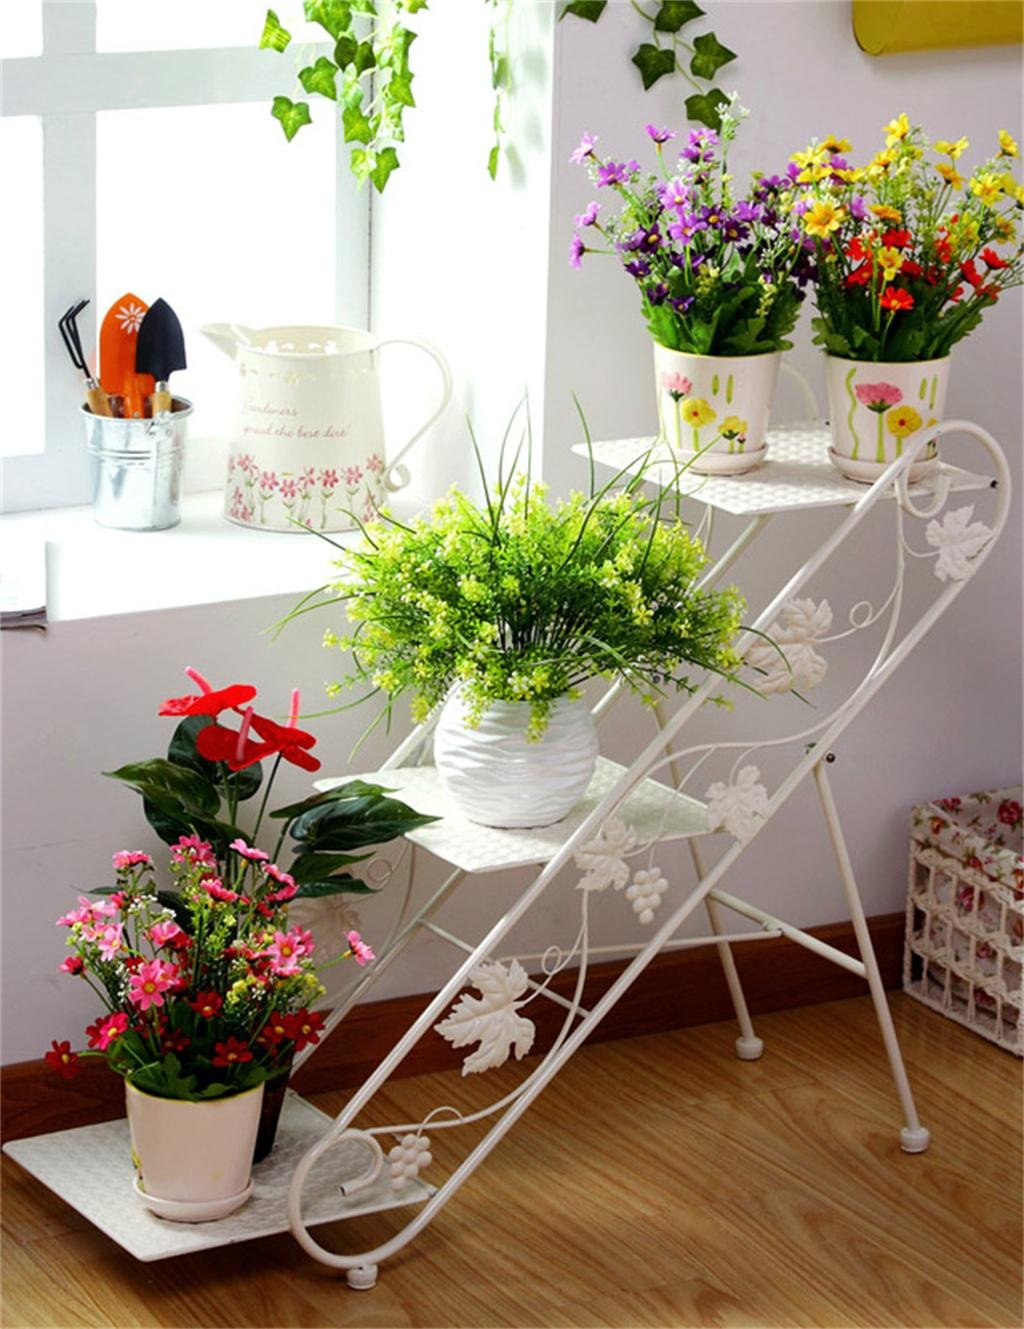 Eisen 3-stöckiges Fußboden-Strichleiter-Flowerpot-Zahnstange, Betriebs-Standplatz, Blumen-Regal für Wohnzimmer, Innen-und im Freien ( farbe : Weiß )